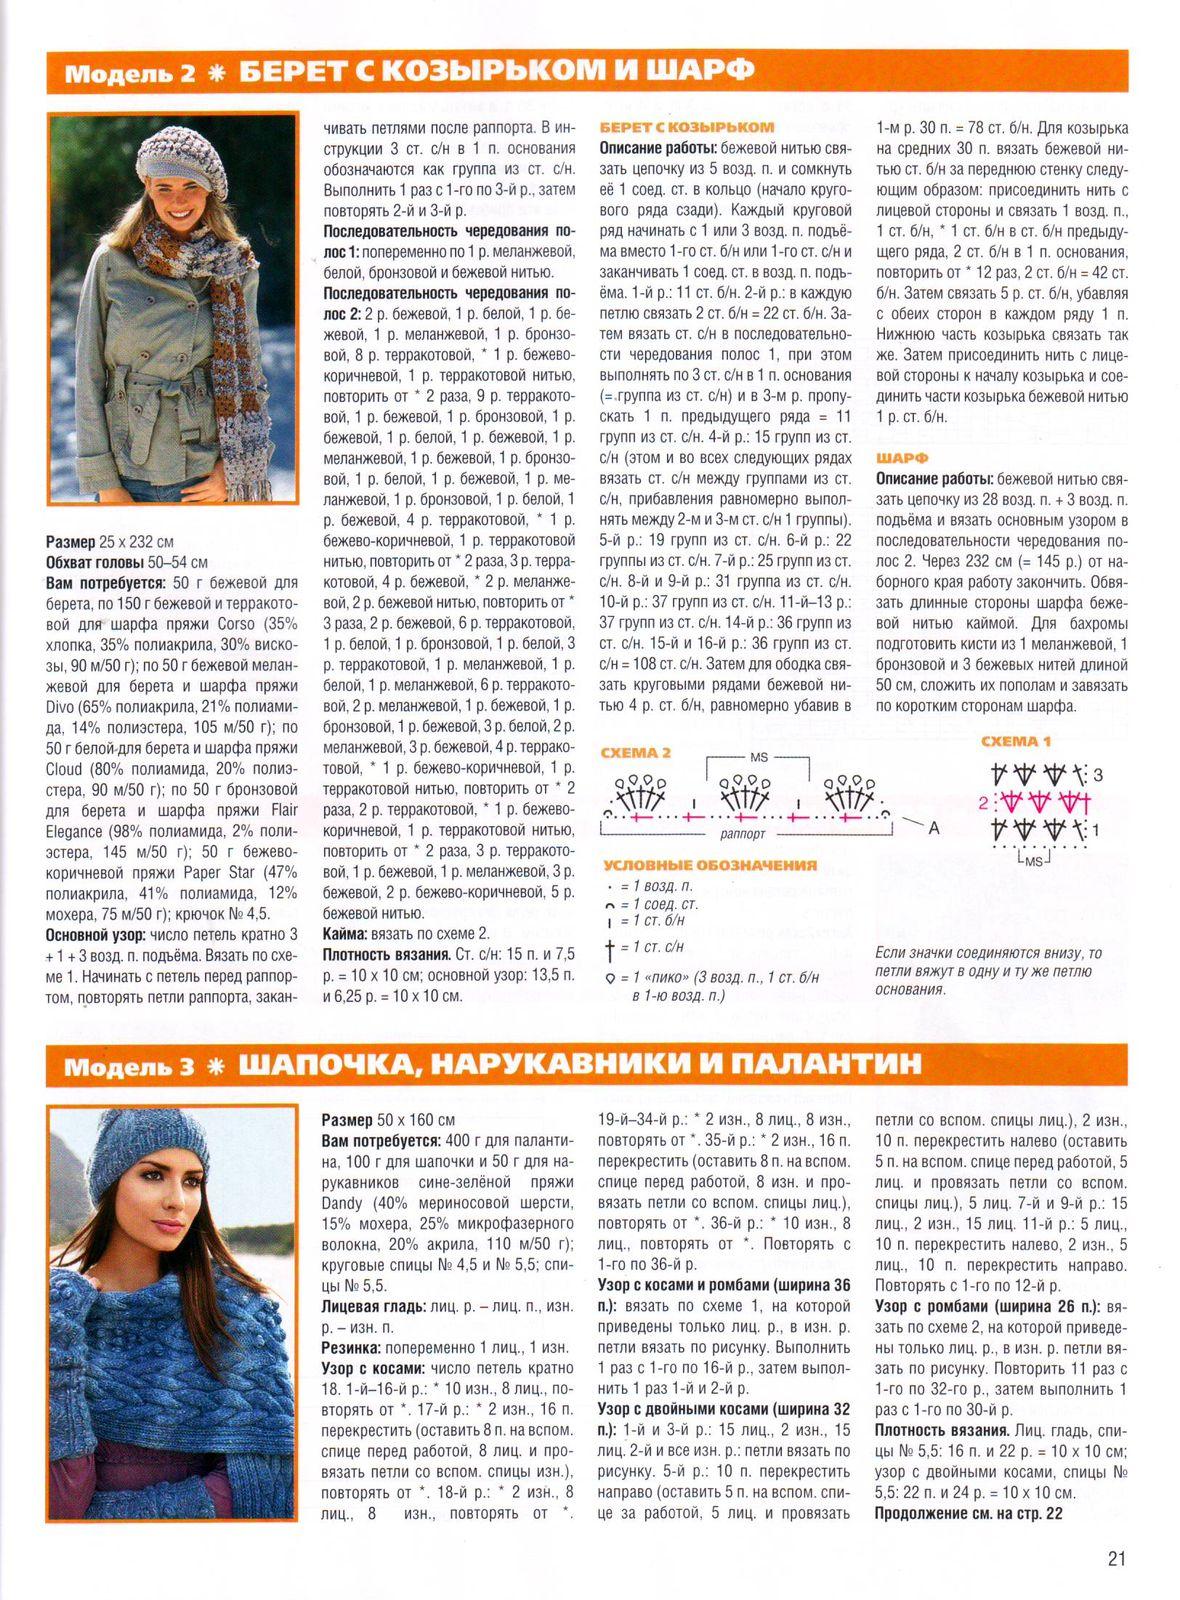 Вязание спицами для женщин модные шарф 2015 года с описанием